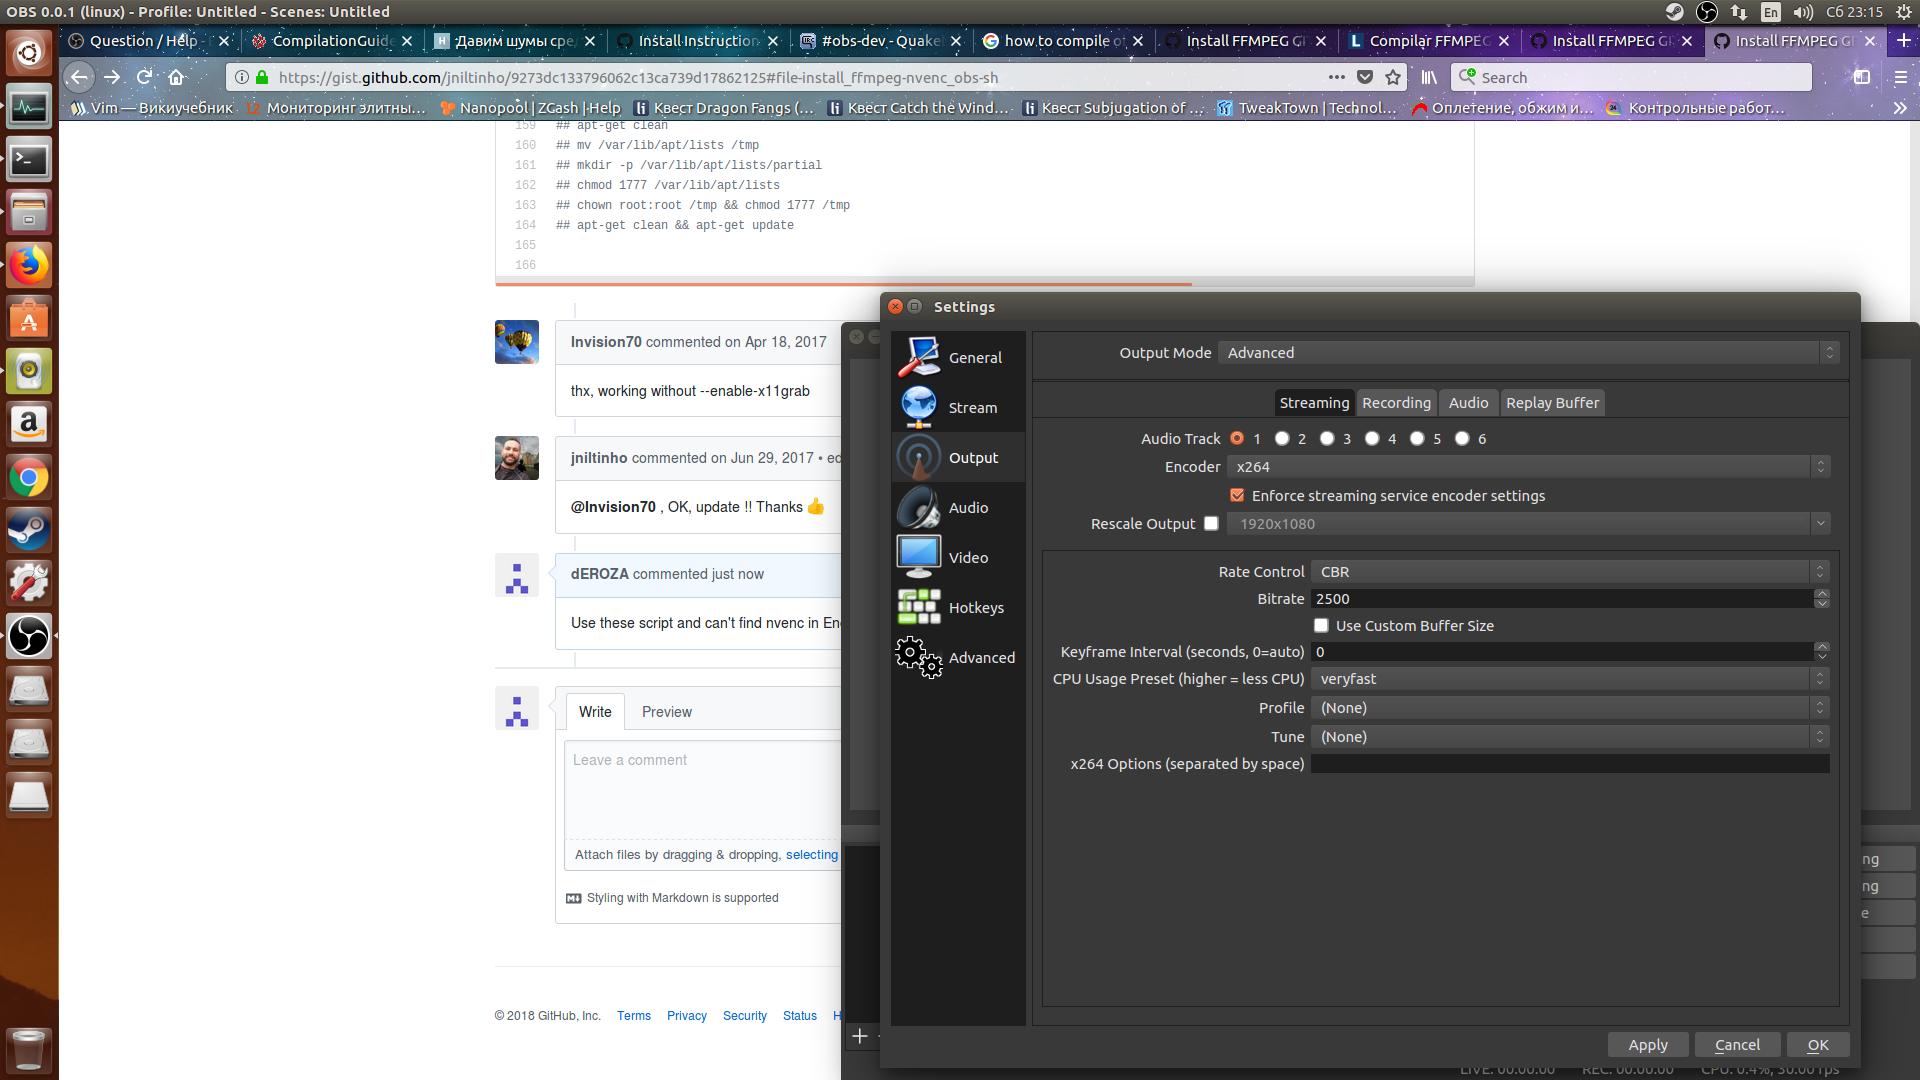 Install FFMPEG GIT + NVENC SDK 8 + OBS GIT · GitHub